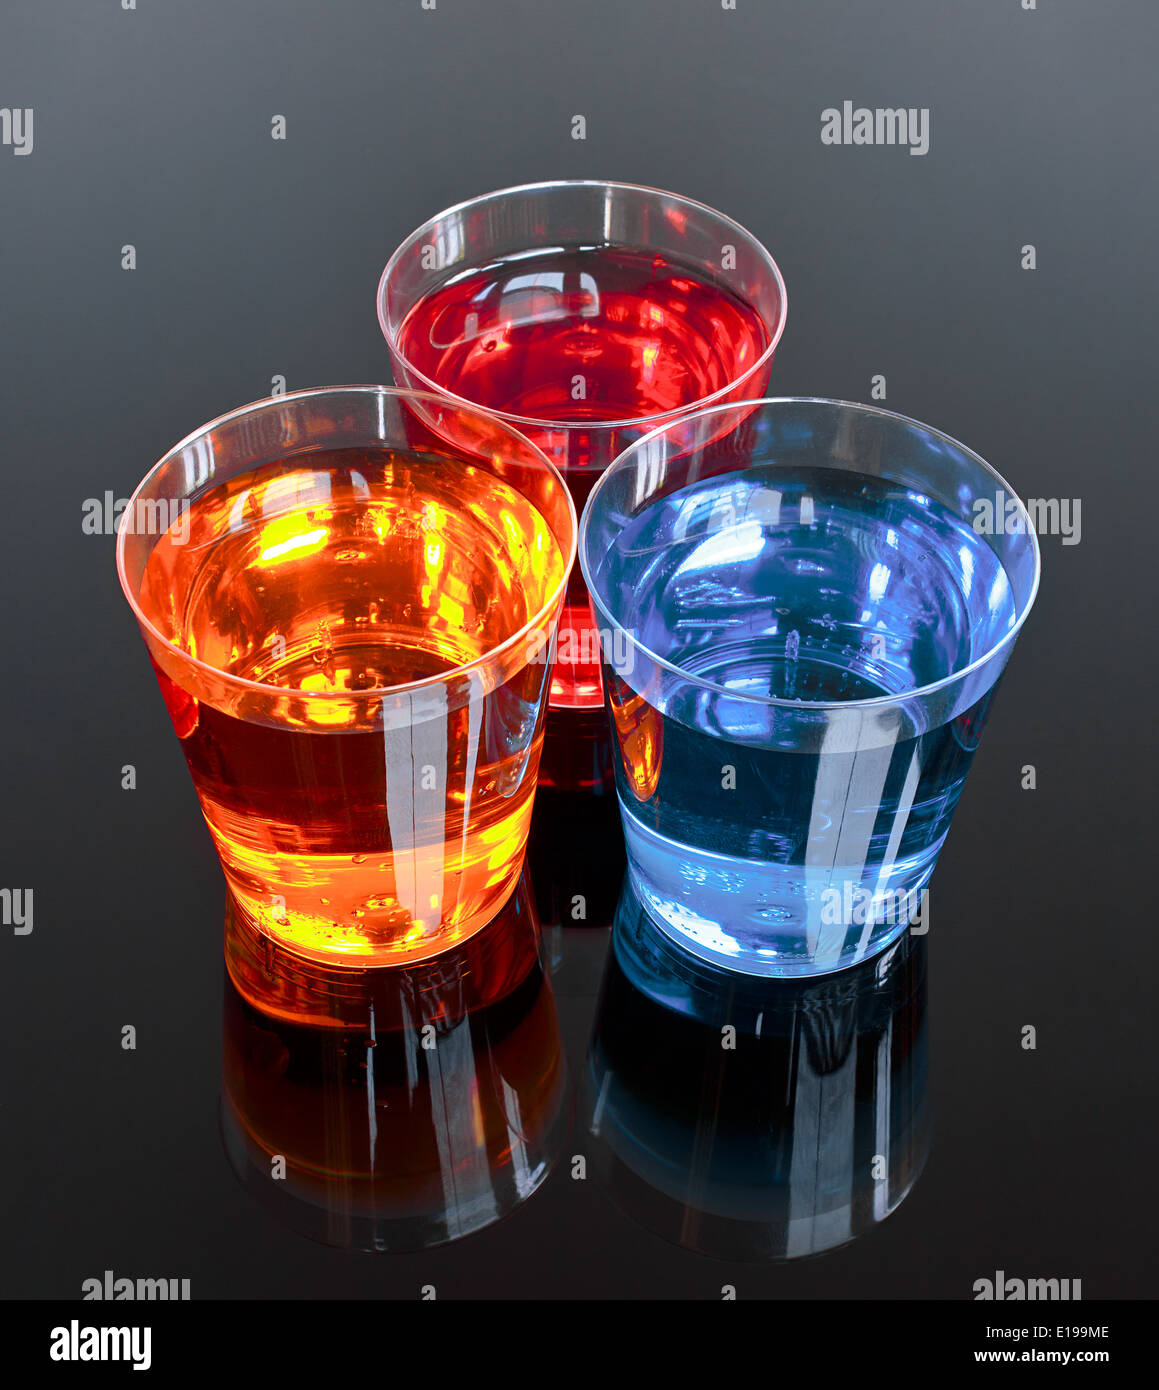 Tre scatti su uno sfondo nero perfetto per le promozioni o le offerte le bevande alcoliche industria Immagini Stock